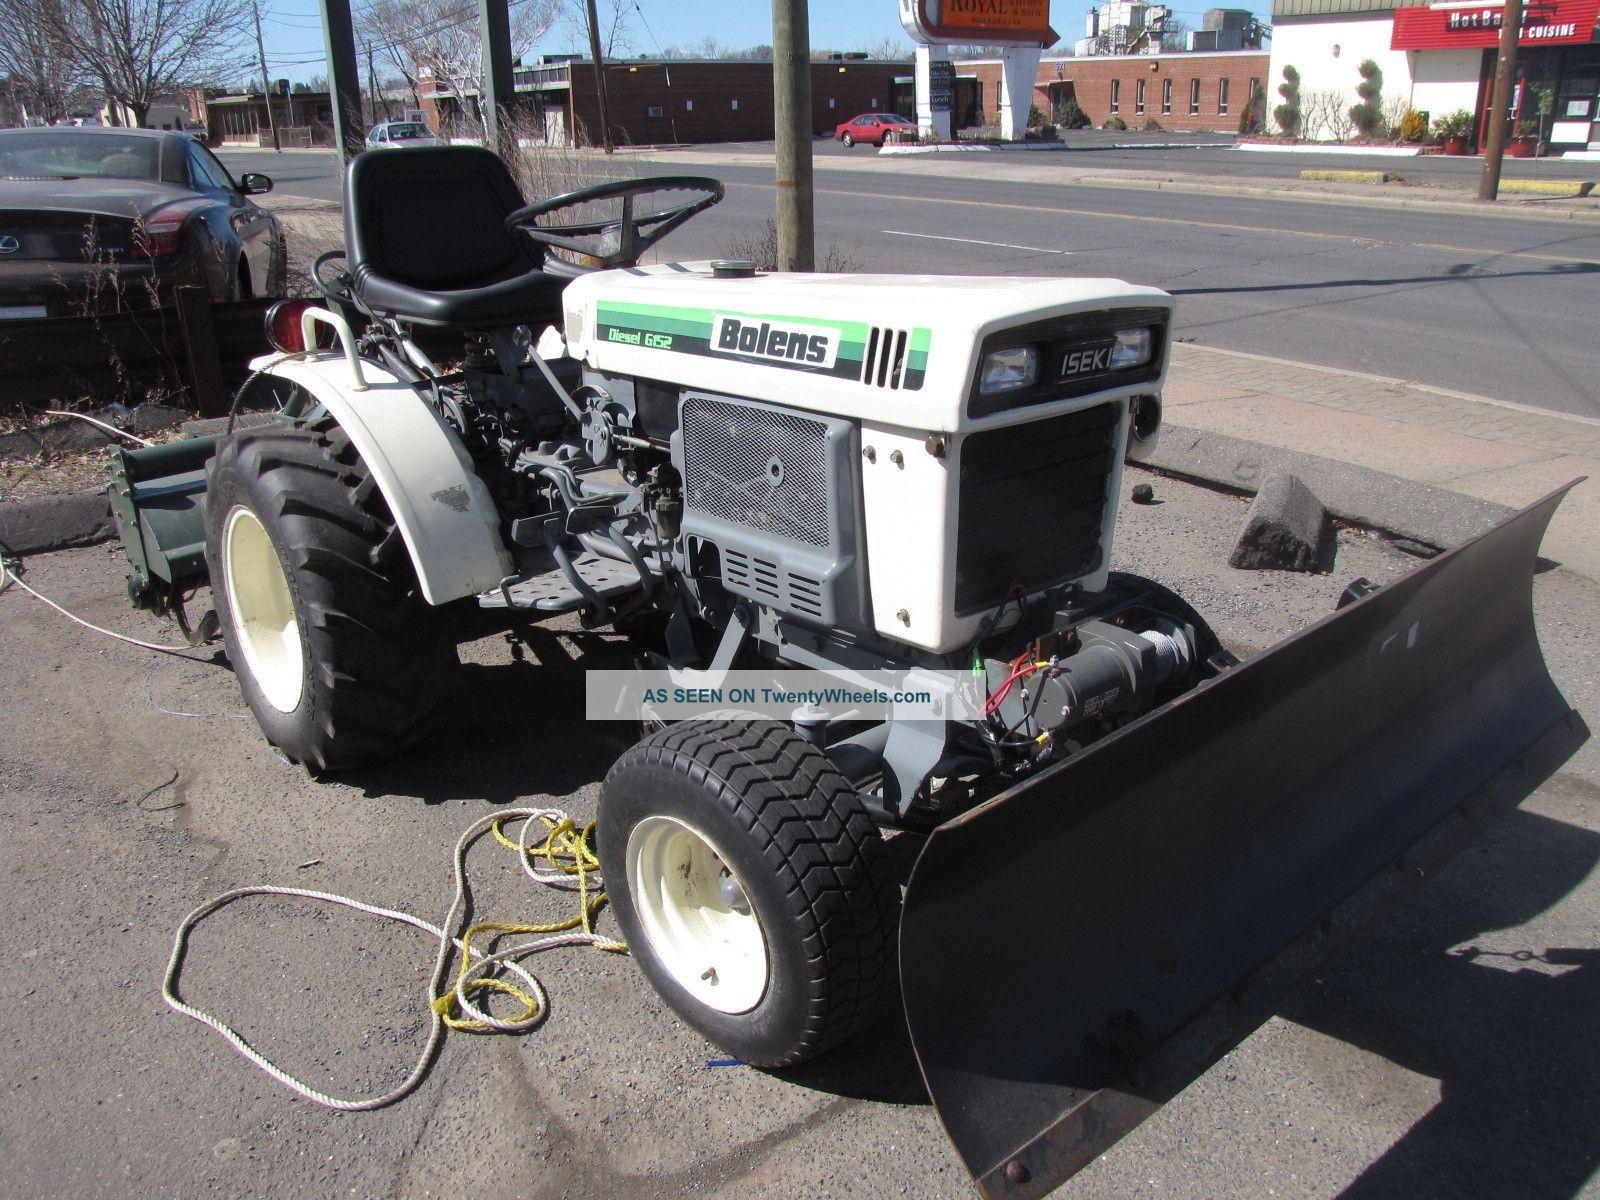 Iseki Tractor Tire Rims : Bolens iseki diesel tractor g yanmar tiller way plow